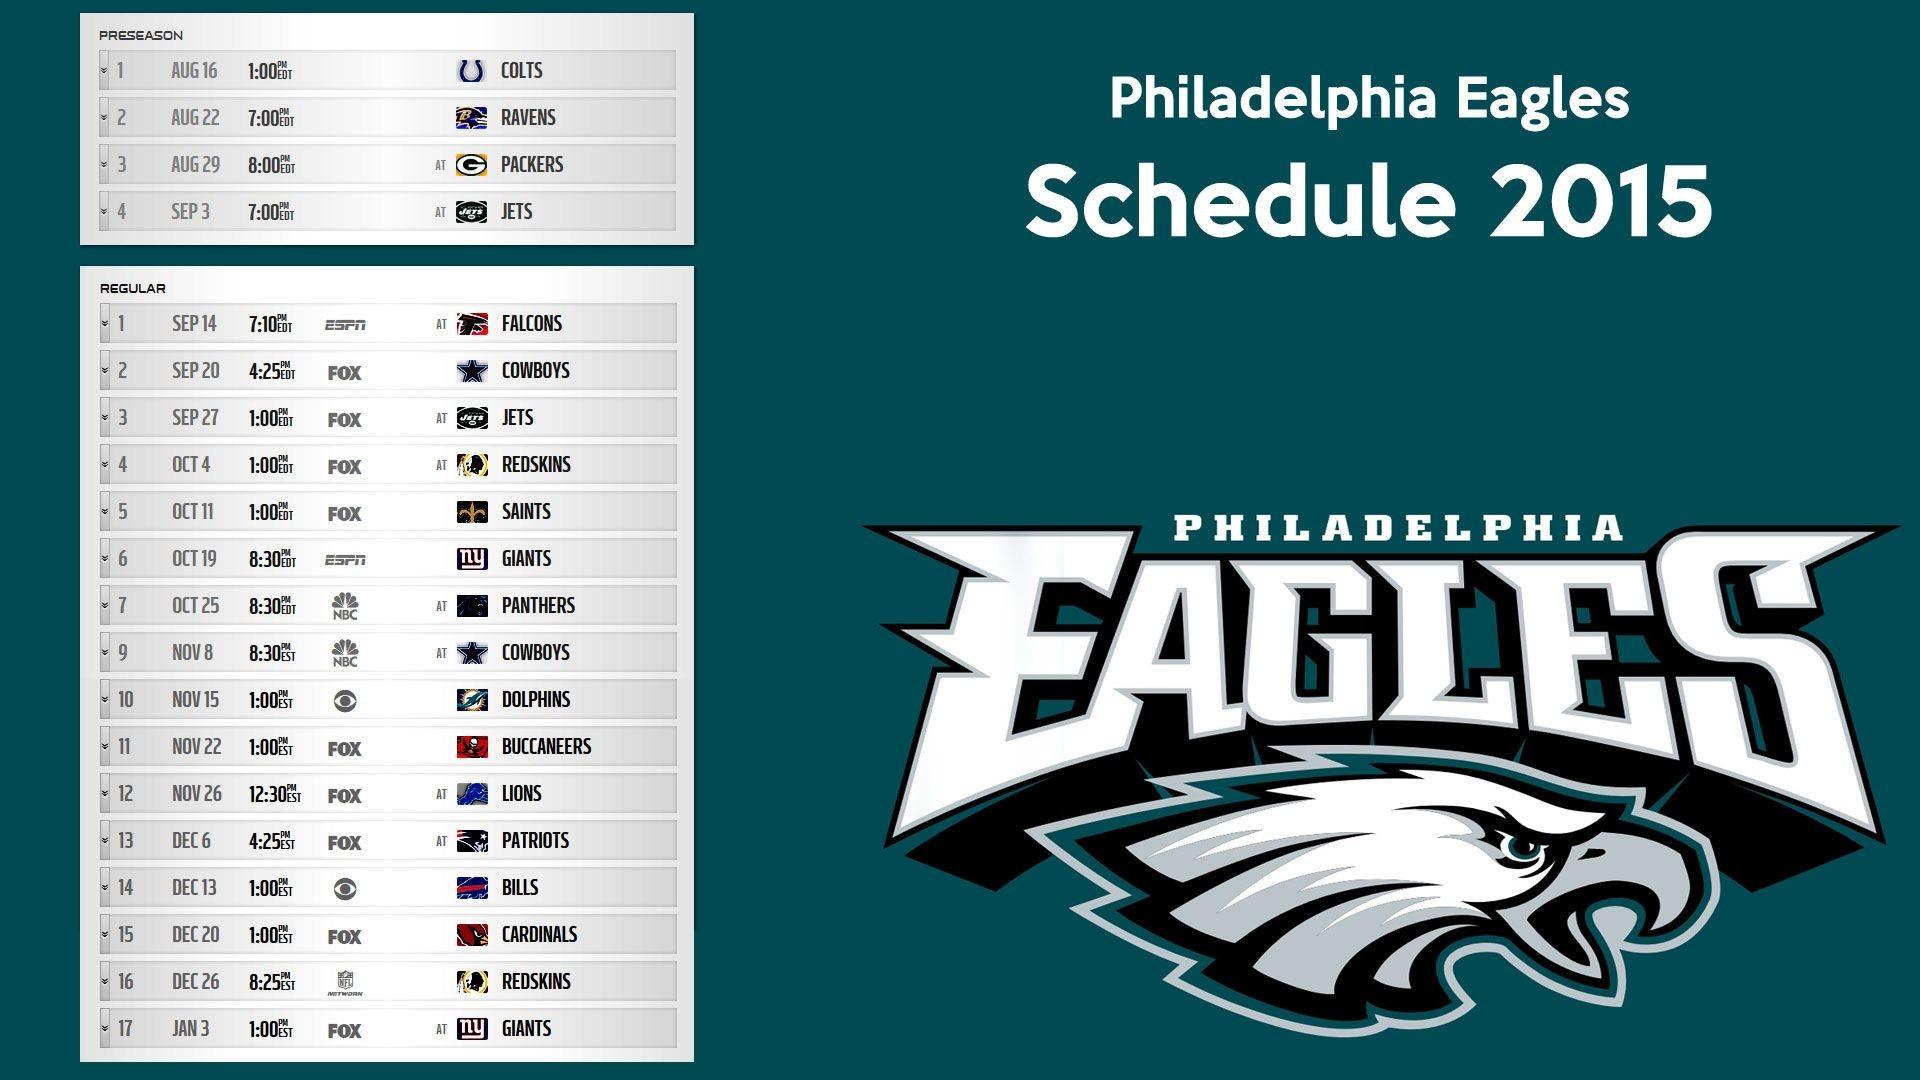 Philadelphia Eagles schedule 2015 wallpaper – Free full hd .